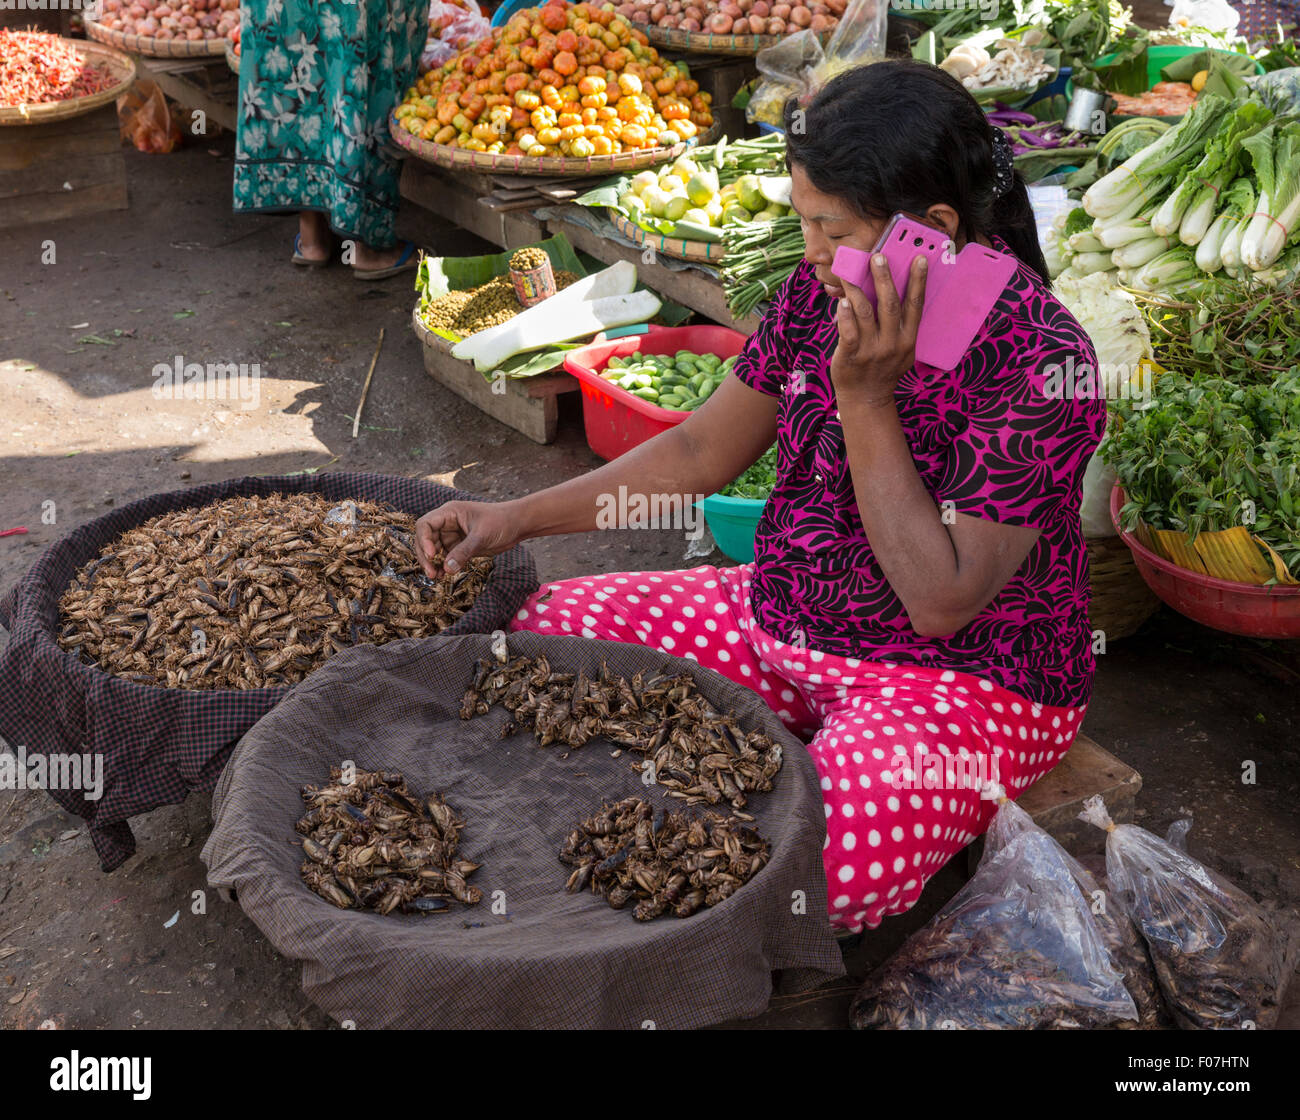 Donna Chat sul telefono cellulare mentre la vendita di grilli fritti al mercato di Pyin Oo Lwin, la storica stazione Immagini Stock